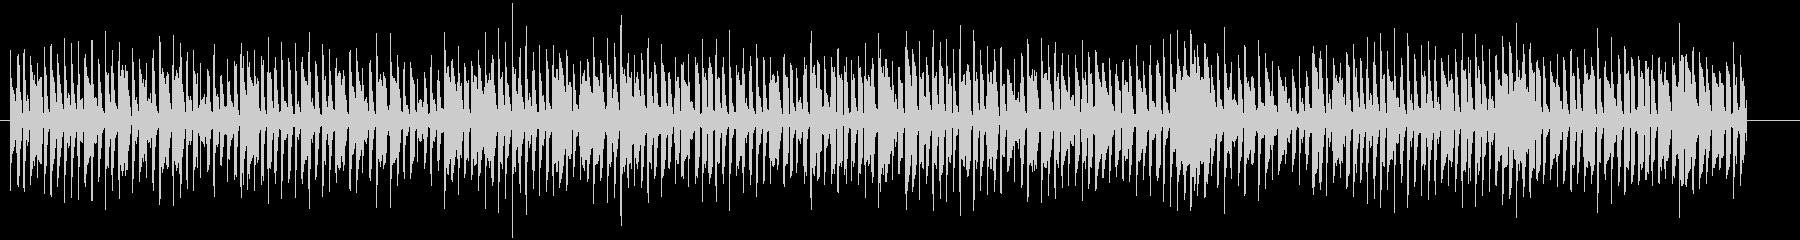 ゲーム.パズル.ピコピコ.8bitの未再生の波形